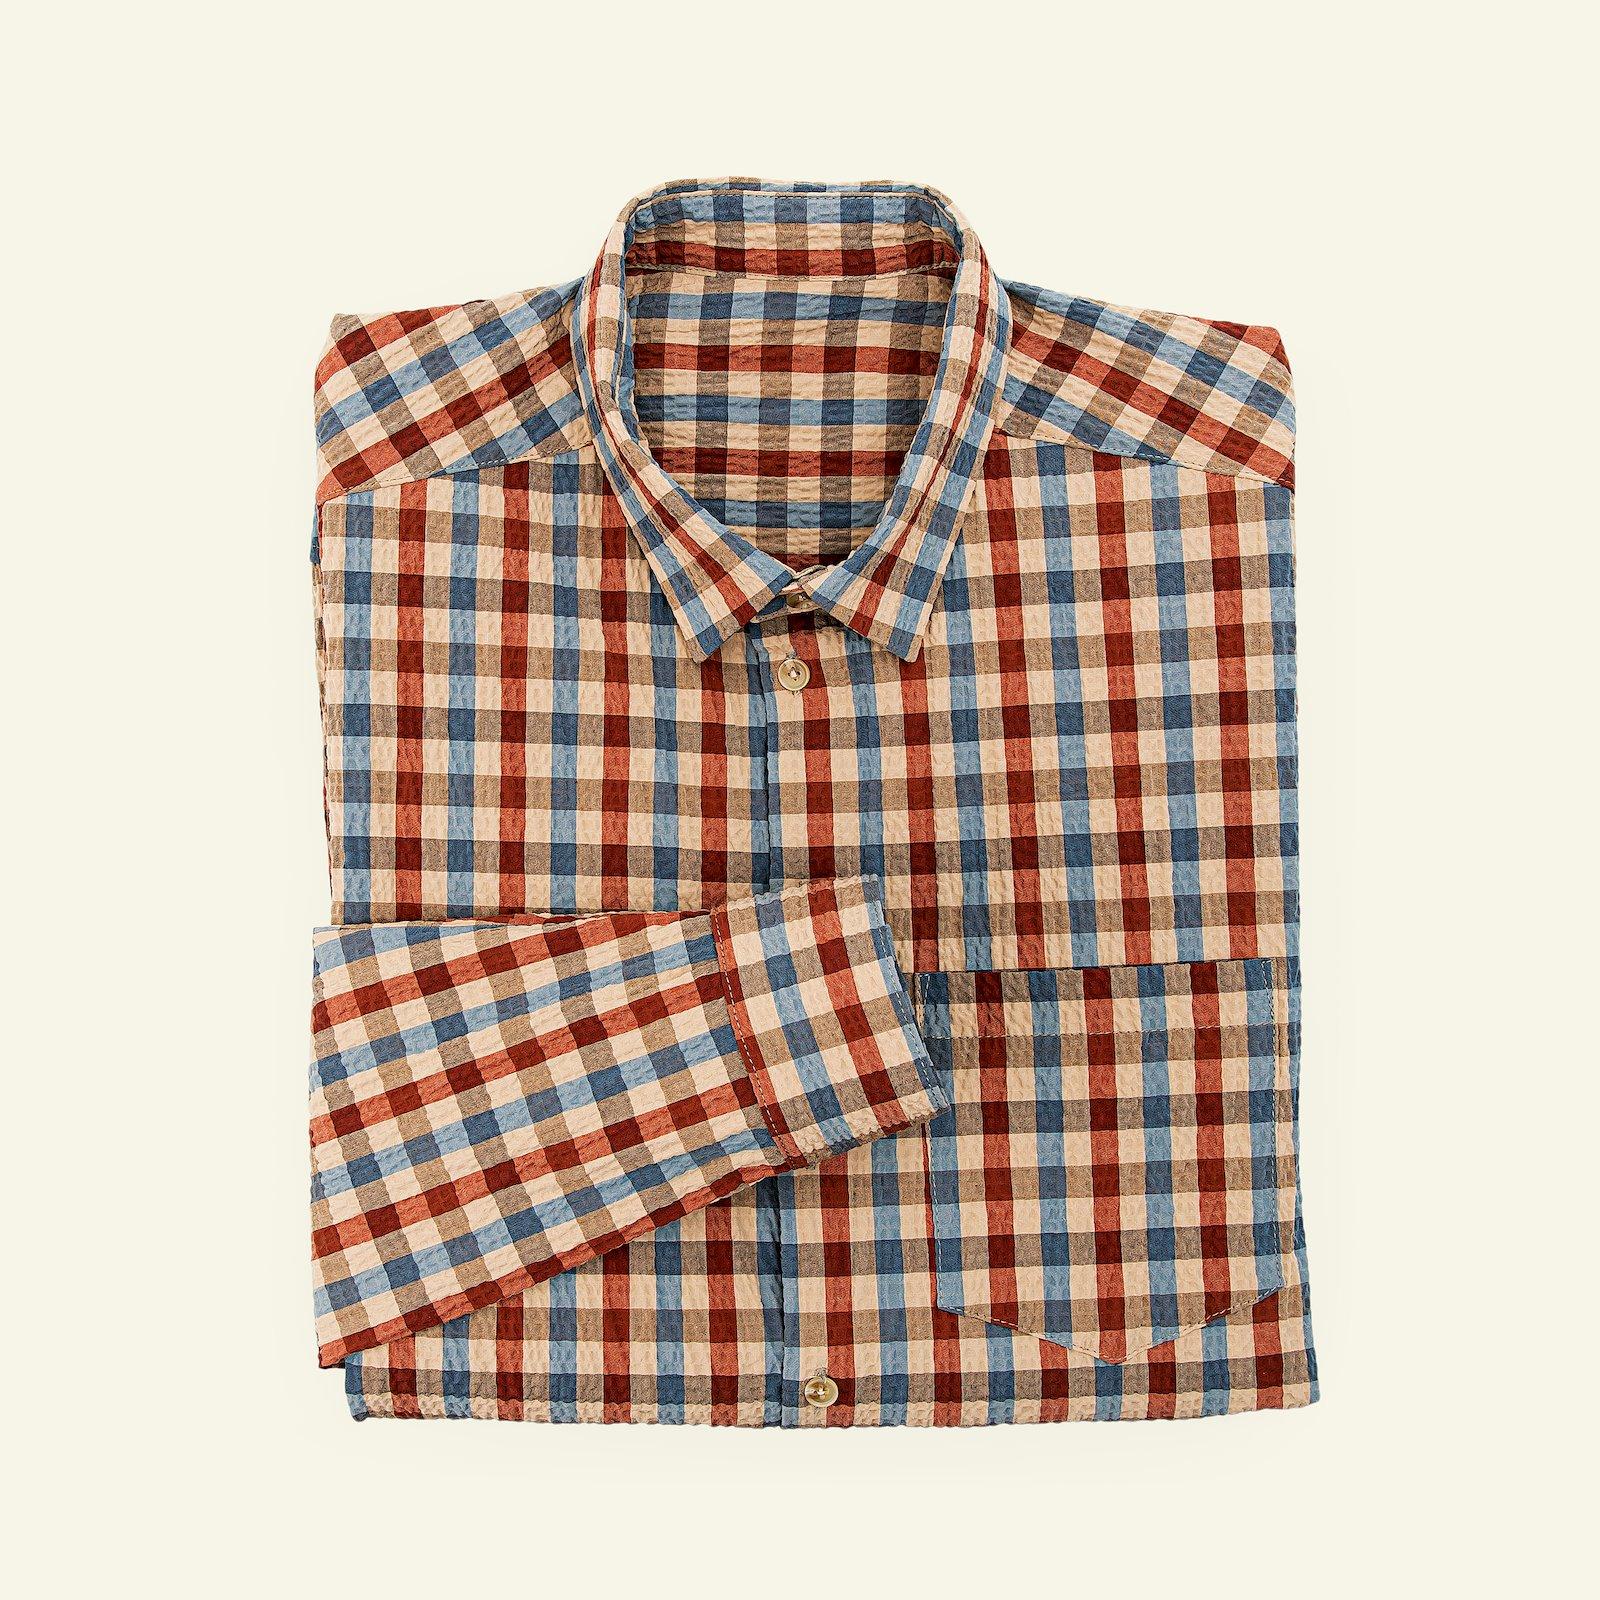 Shirt, XL p87001_501898_40228_sskit